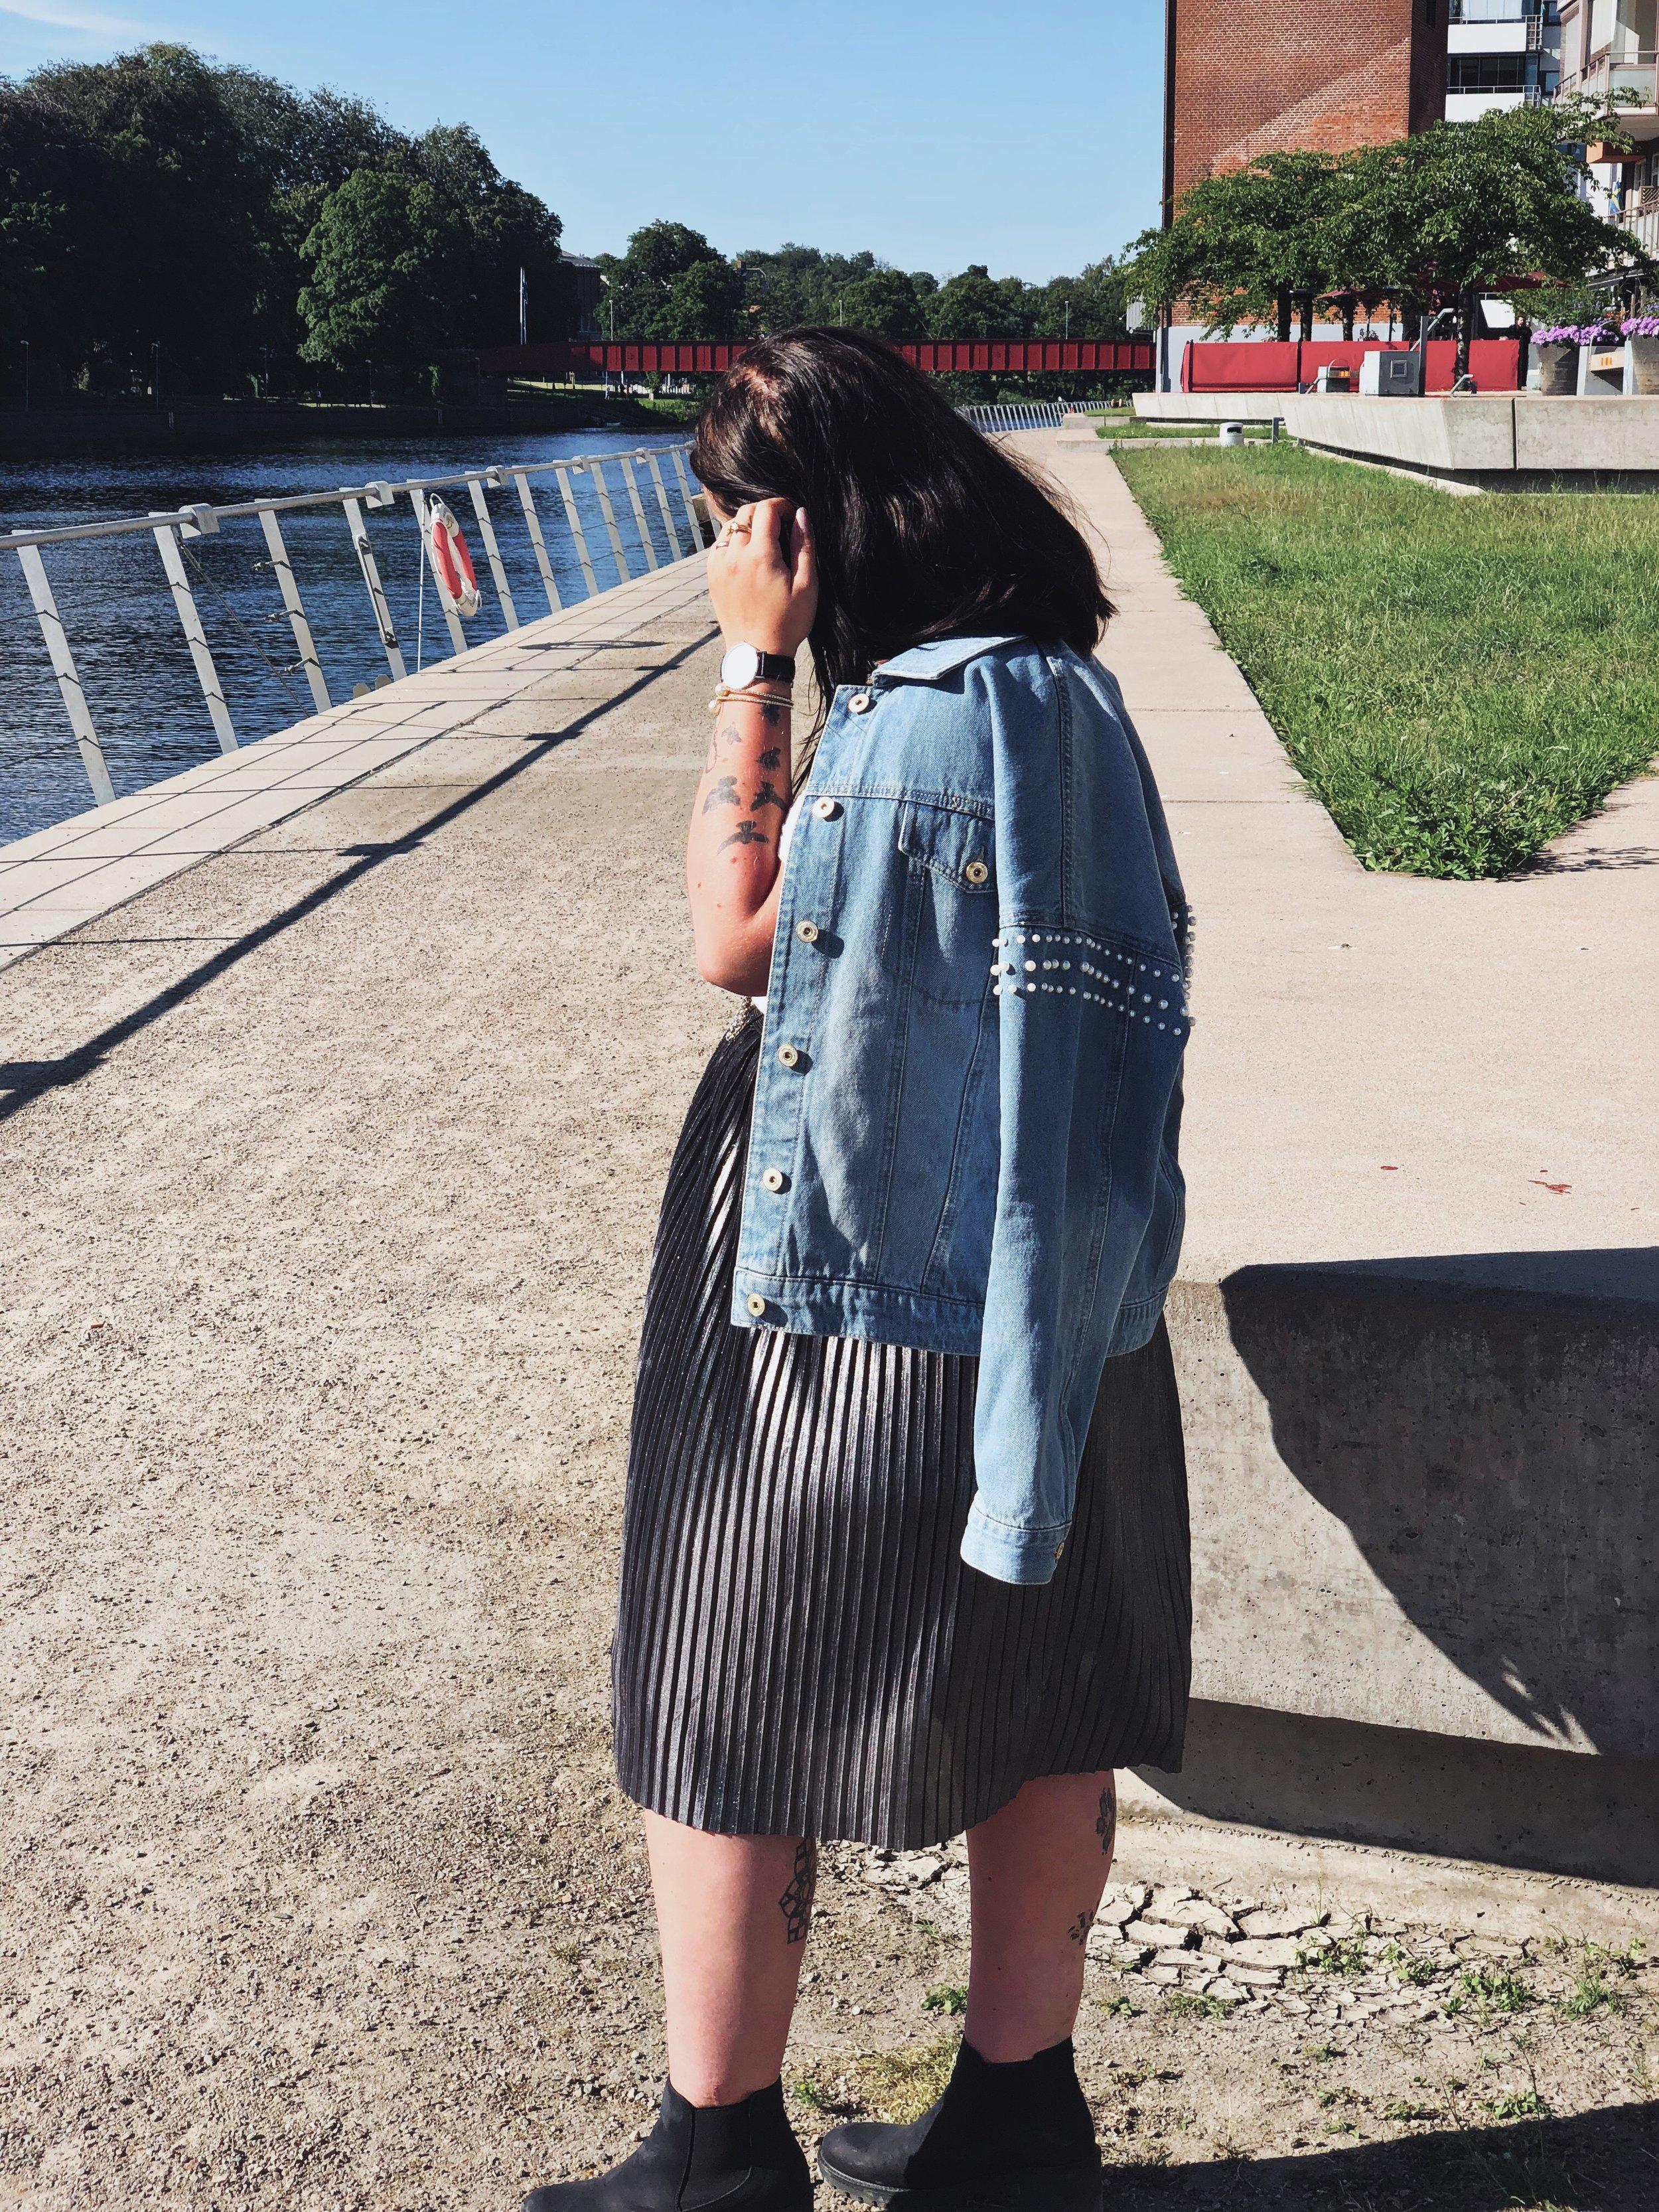 Jeansjacka med fastsydda pärlor - I.N.C (International Concept) //    Klocka    (adlink) - Daniel Wellington // Plisserad kjol - Jacqueline de Yong //    Svarta ankelboots    (adlink) - Tamaris.